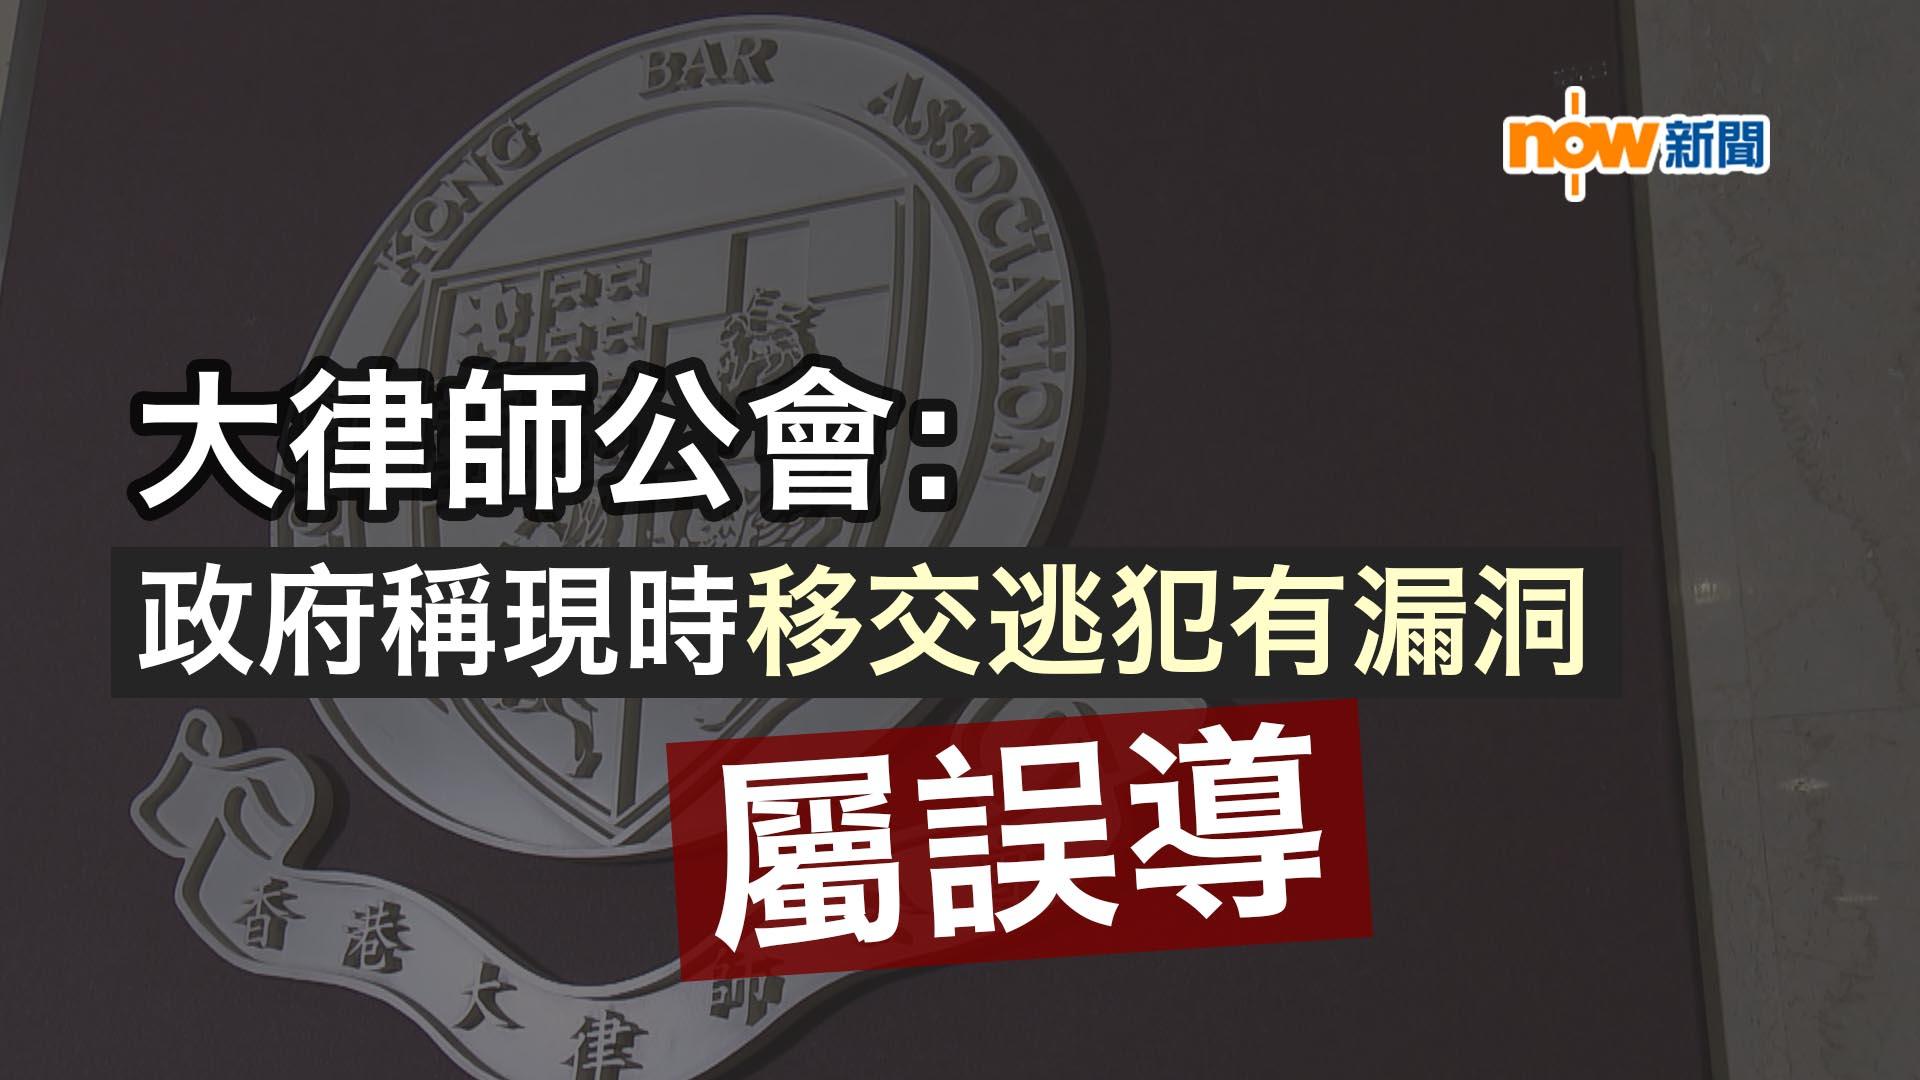 大律師公會:政府稱移交逃犯有漏洞屬誤導